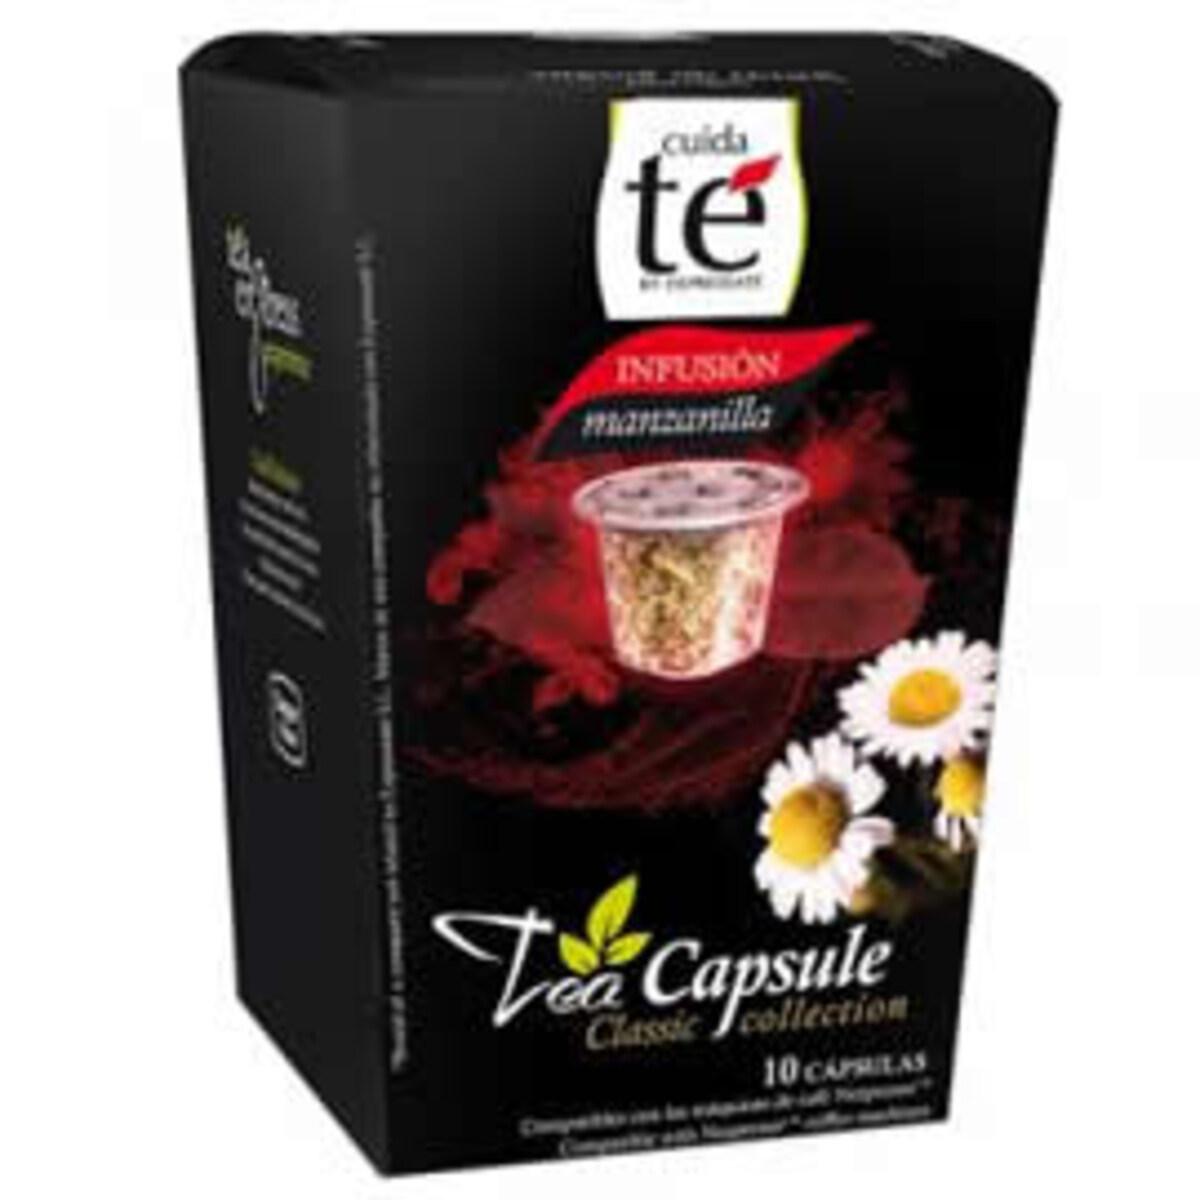 Cuida Te Infusion Chamomile - Неспресо съвместима капсула ройбос чай с лайка